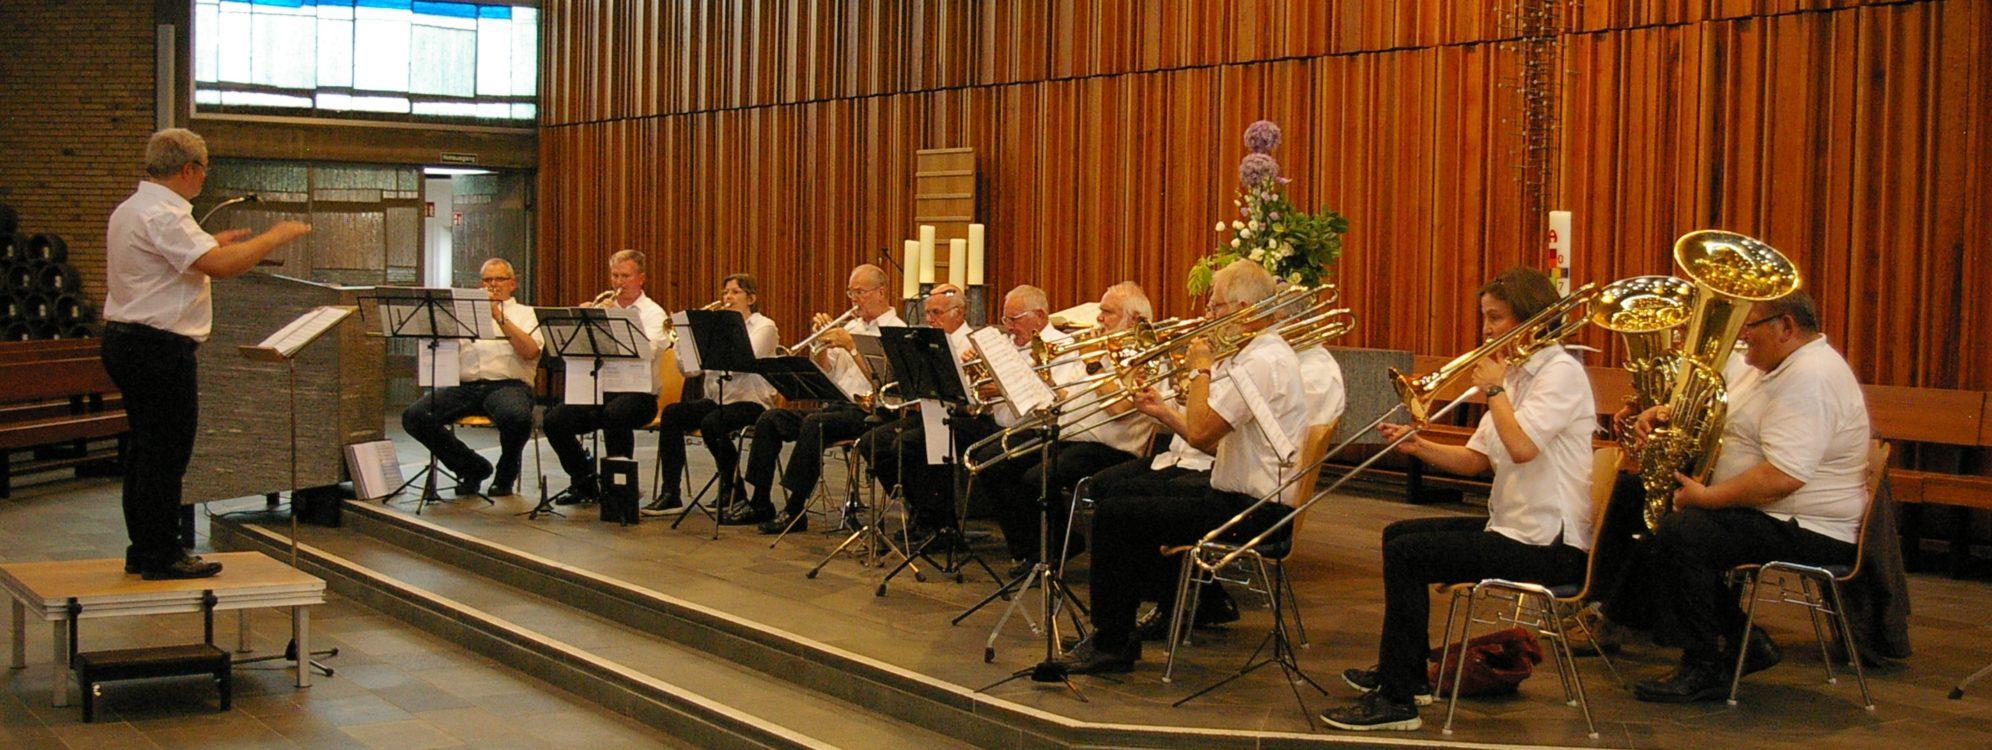 Posaunenchor, Konzert in der Friedenskirche